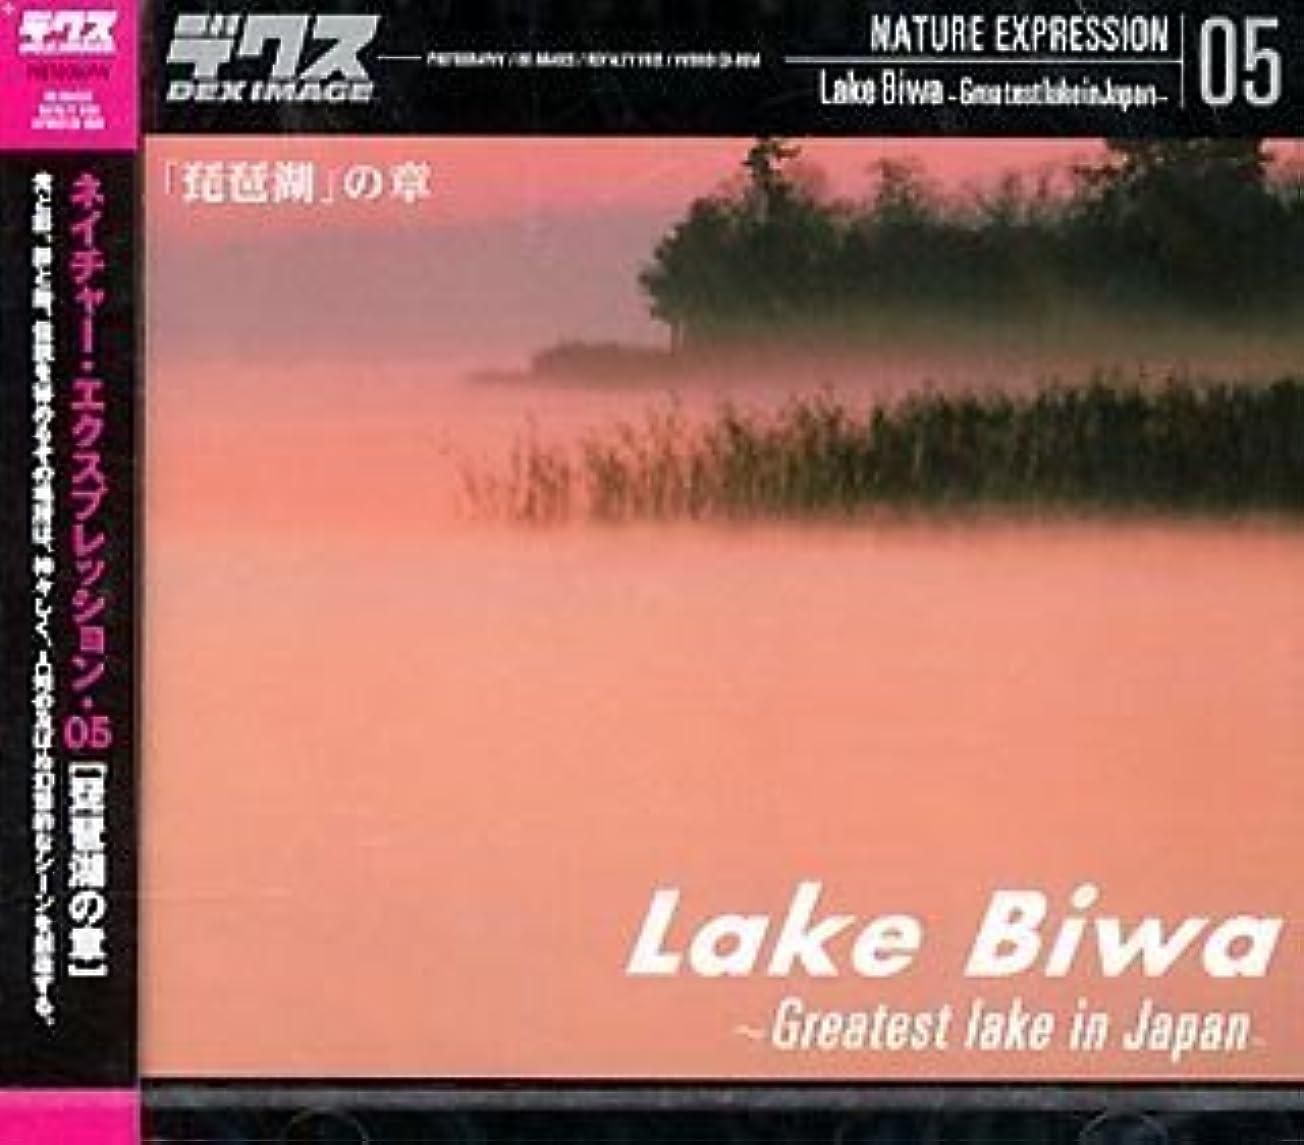 ふける肝コピーネイチャー?エクスプレッション 05 「琵琶湖」の章